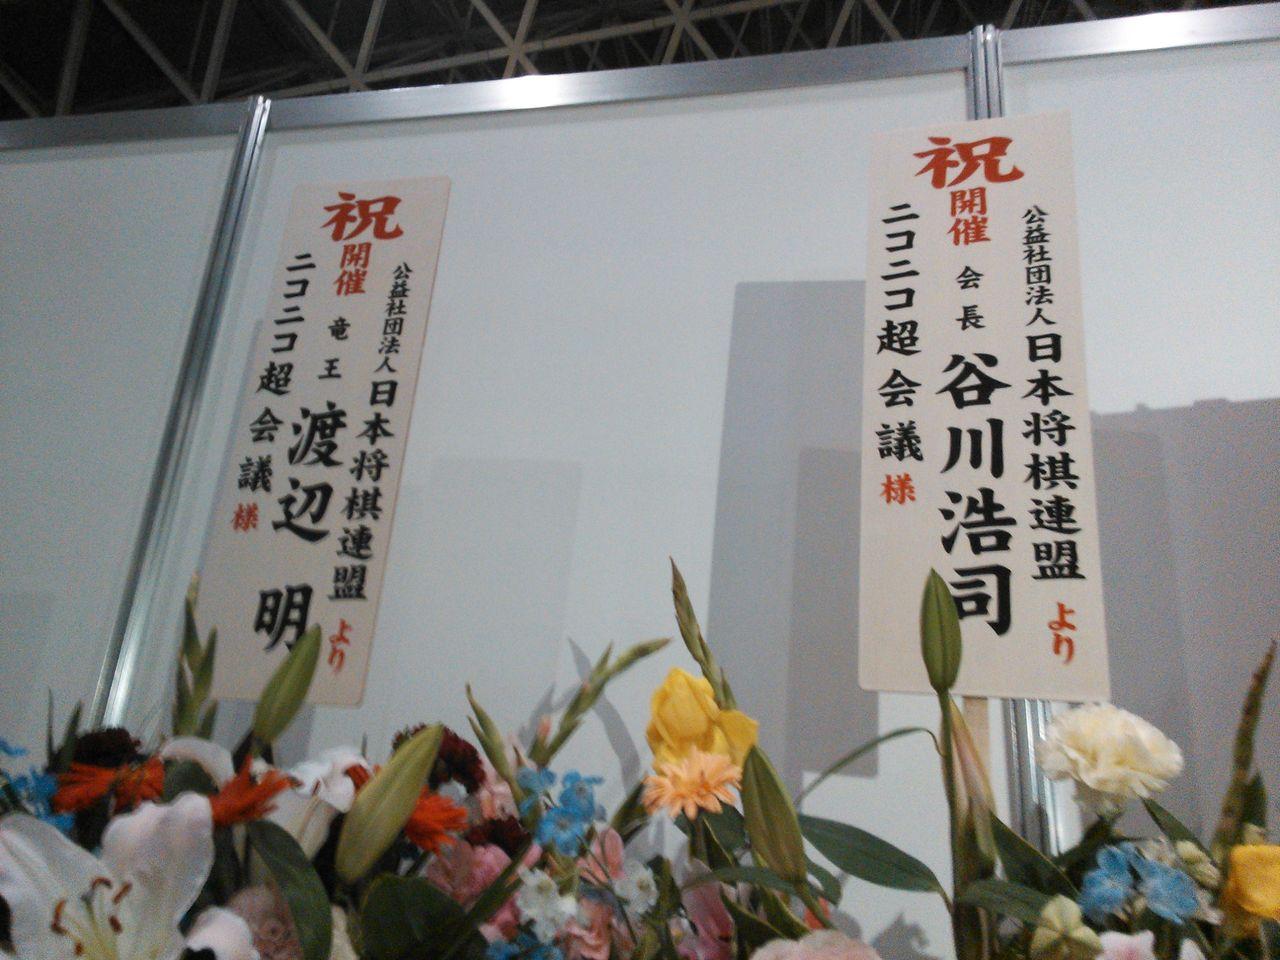 NCM_0069